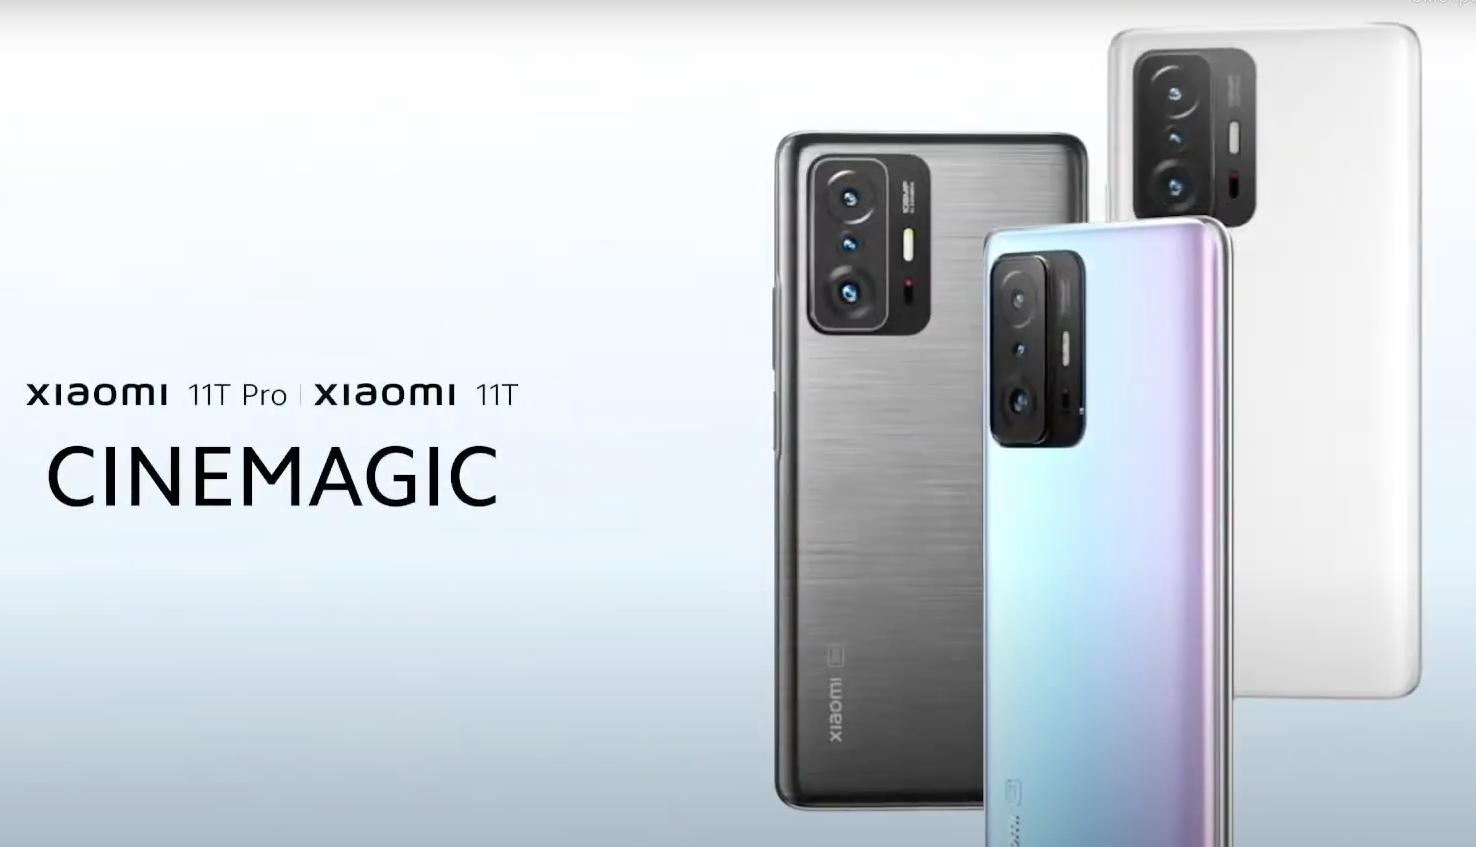 Xiaomi презентовала смартфон с зарядкой за 17 минут